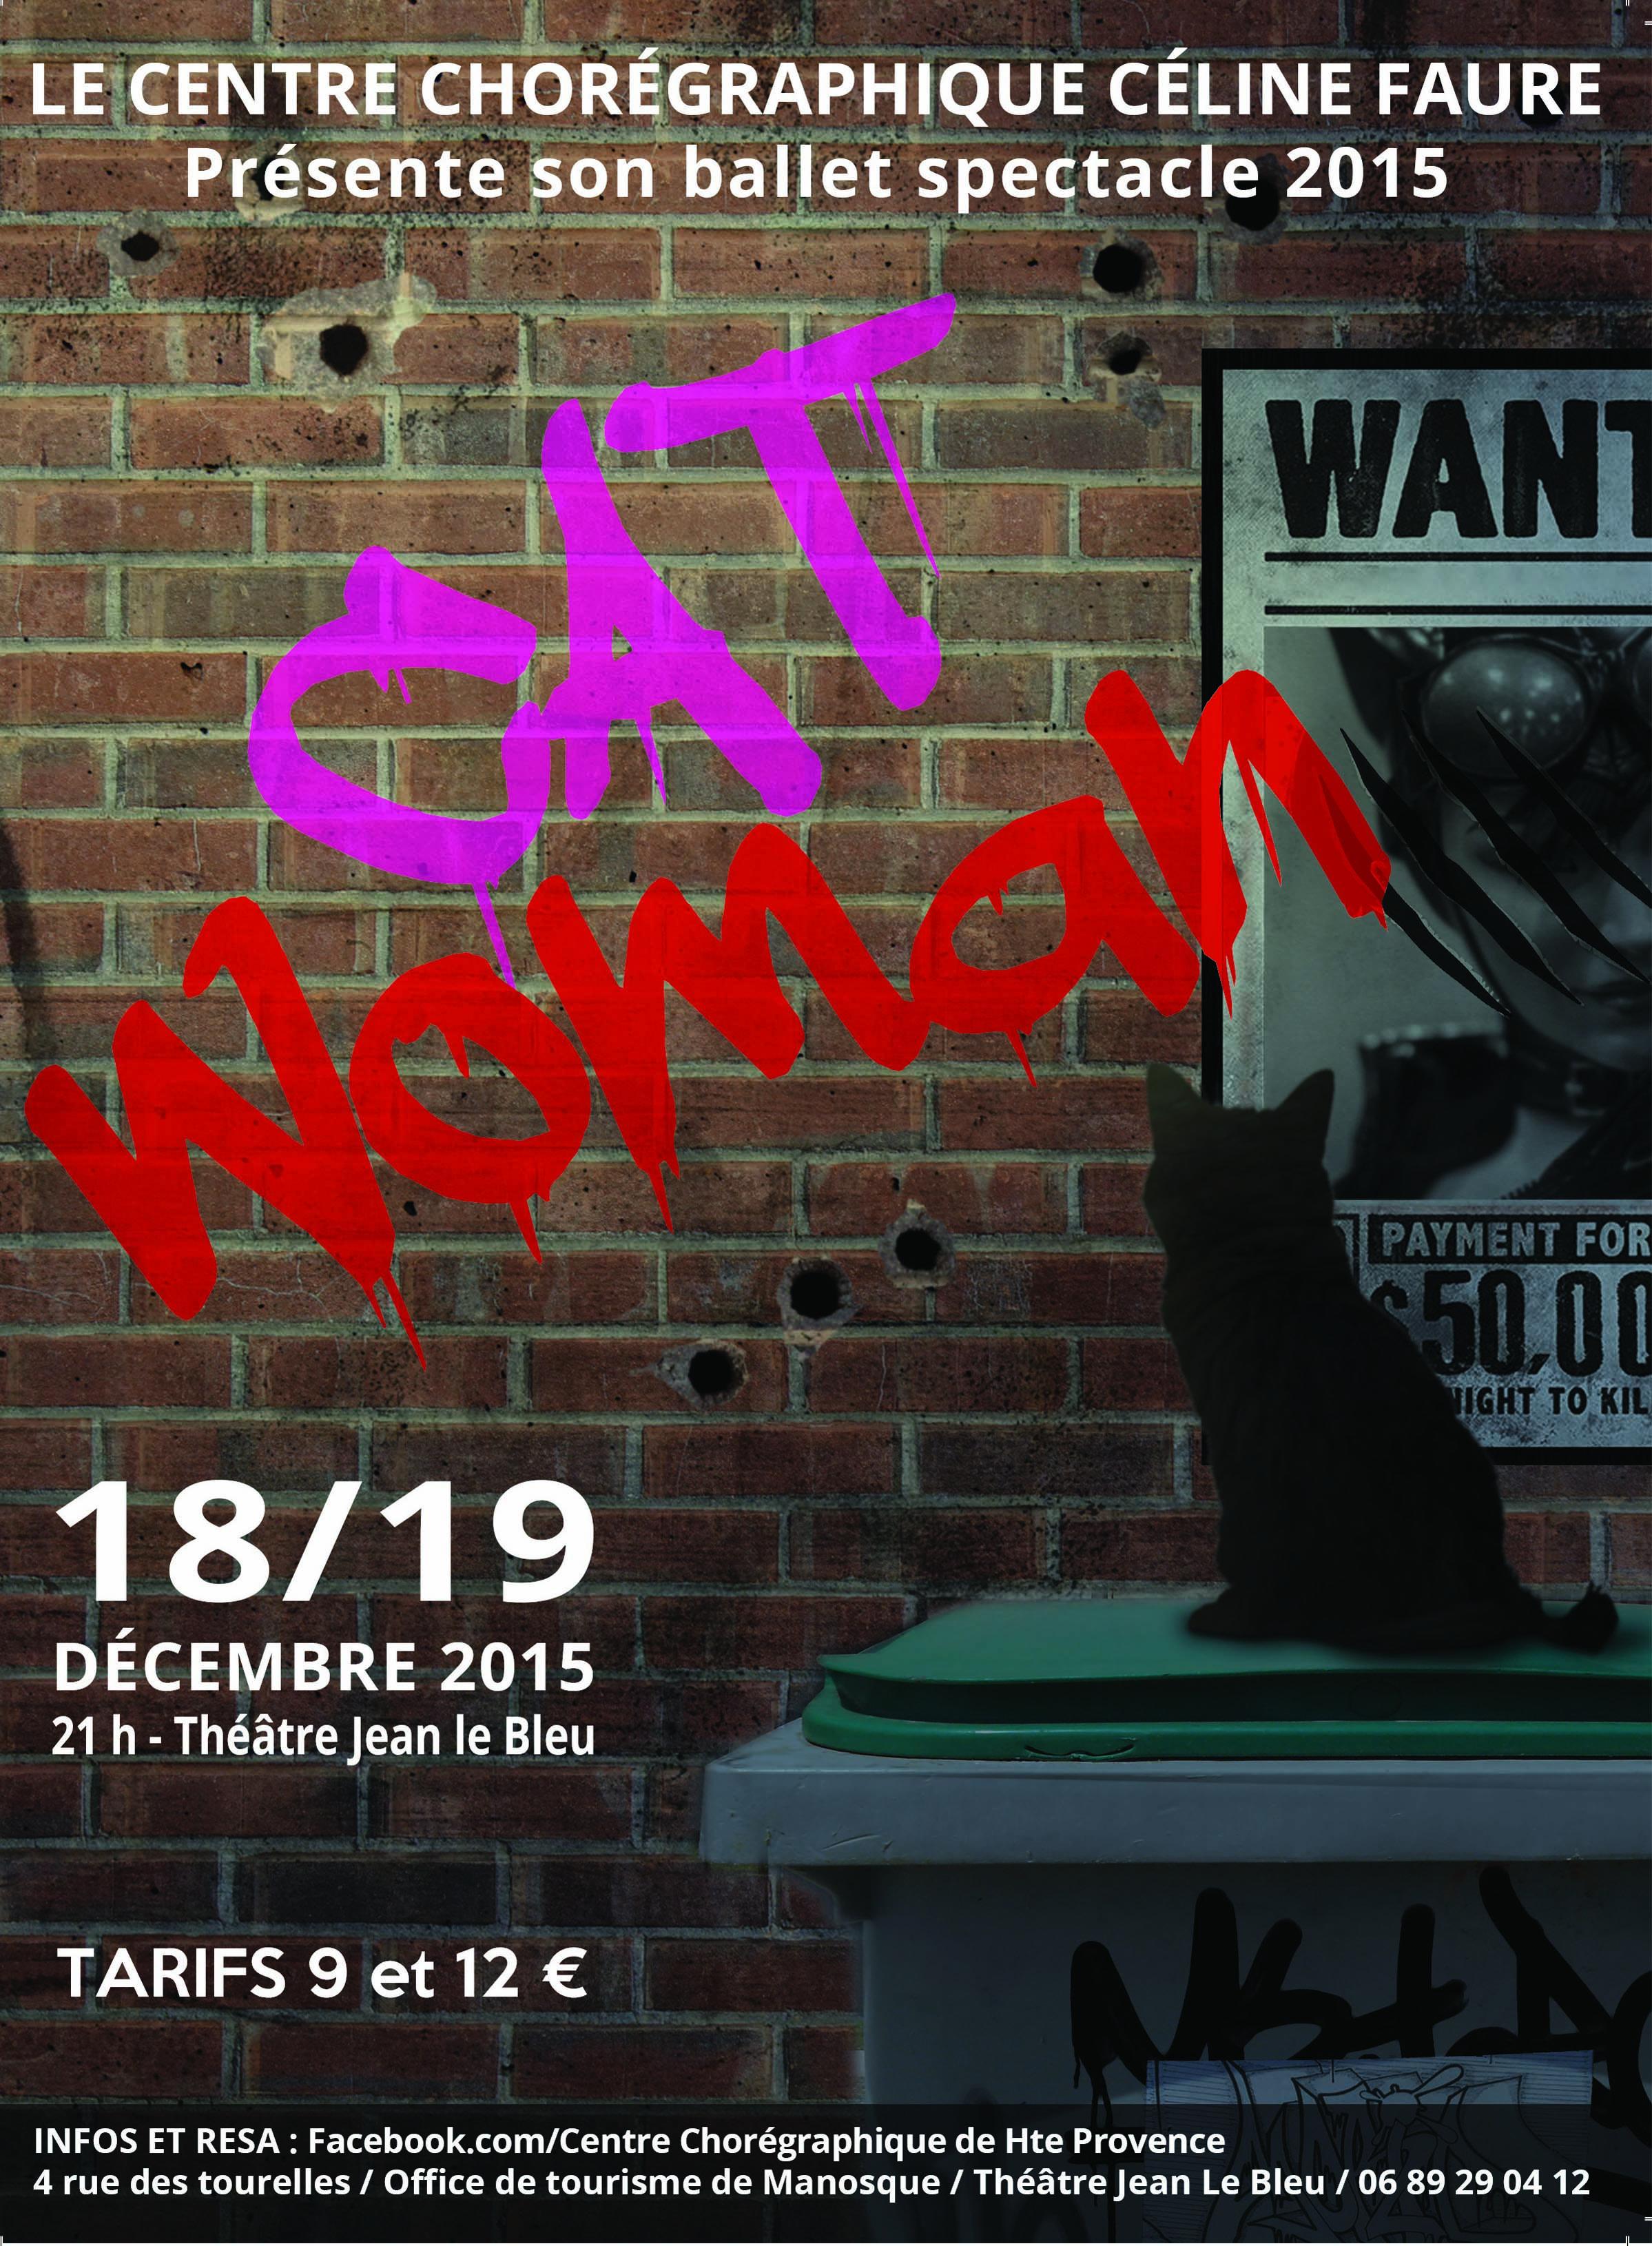 Catwoman par le Centre chorégraphique